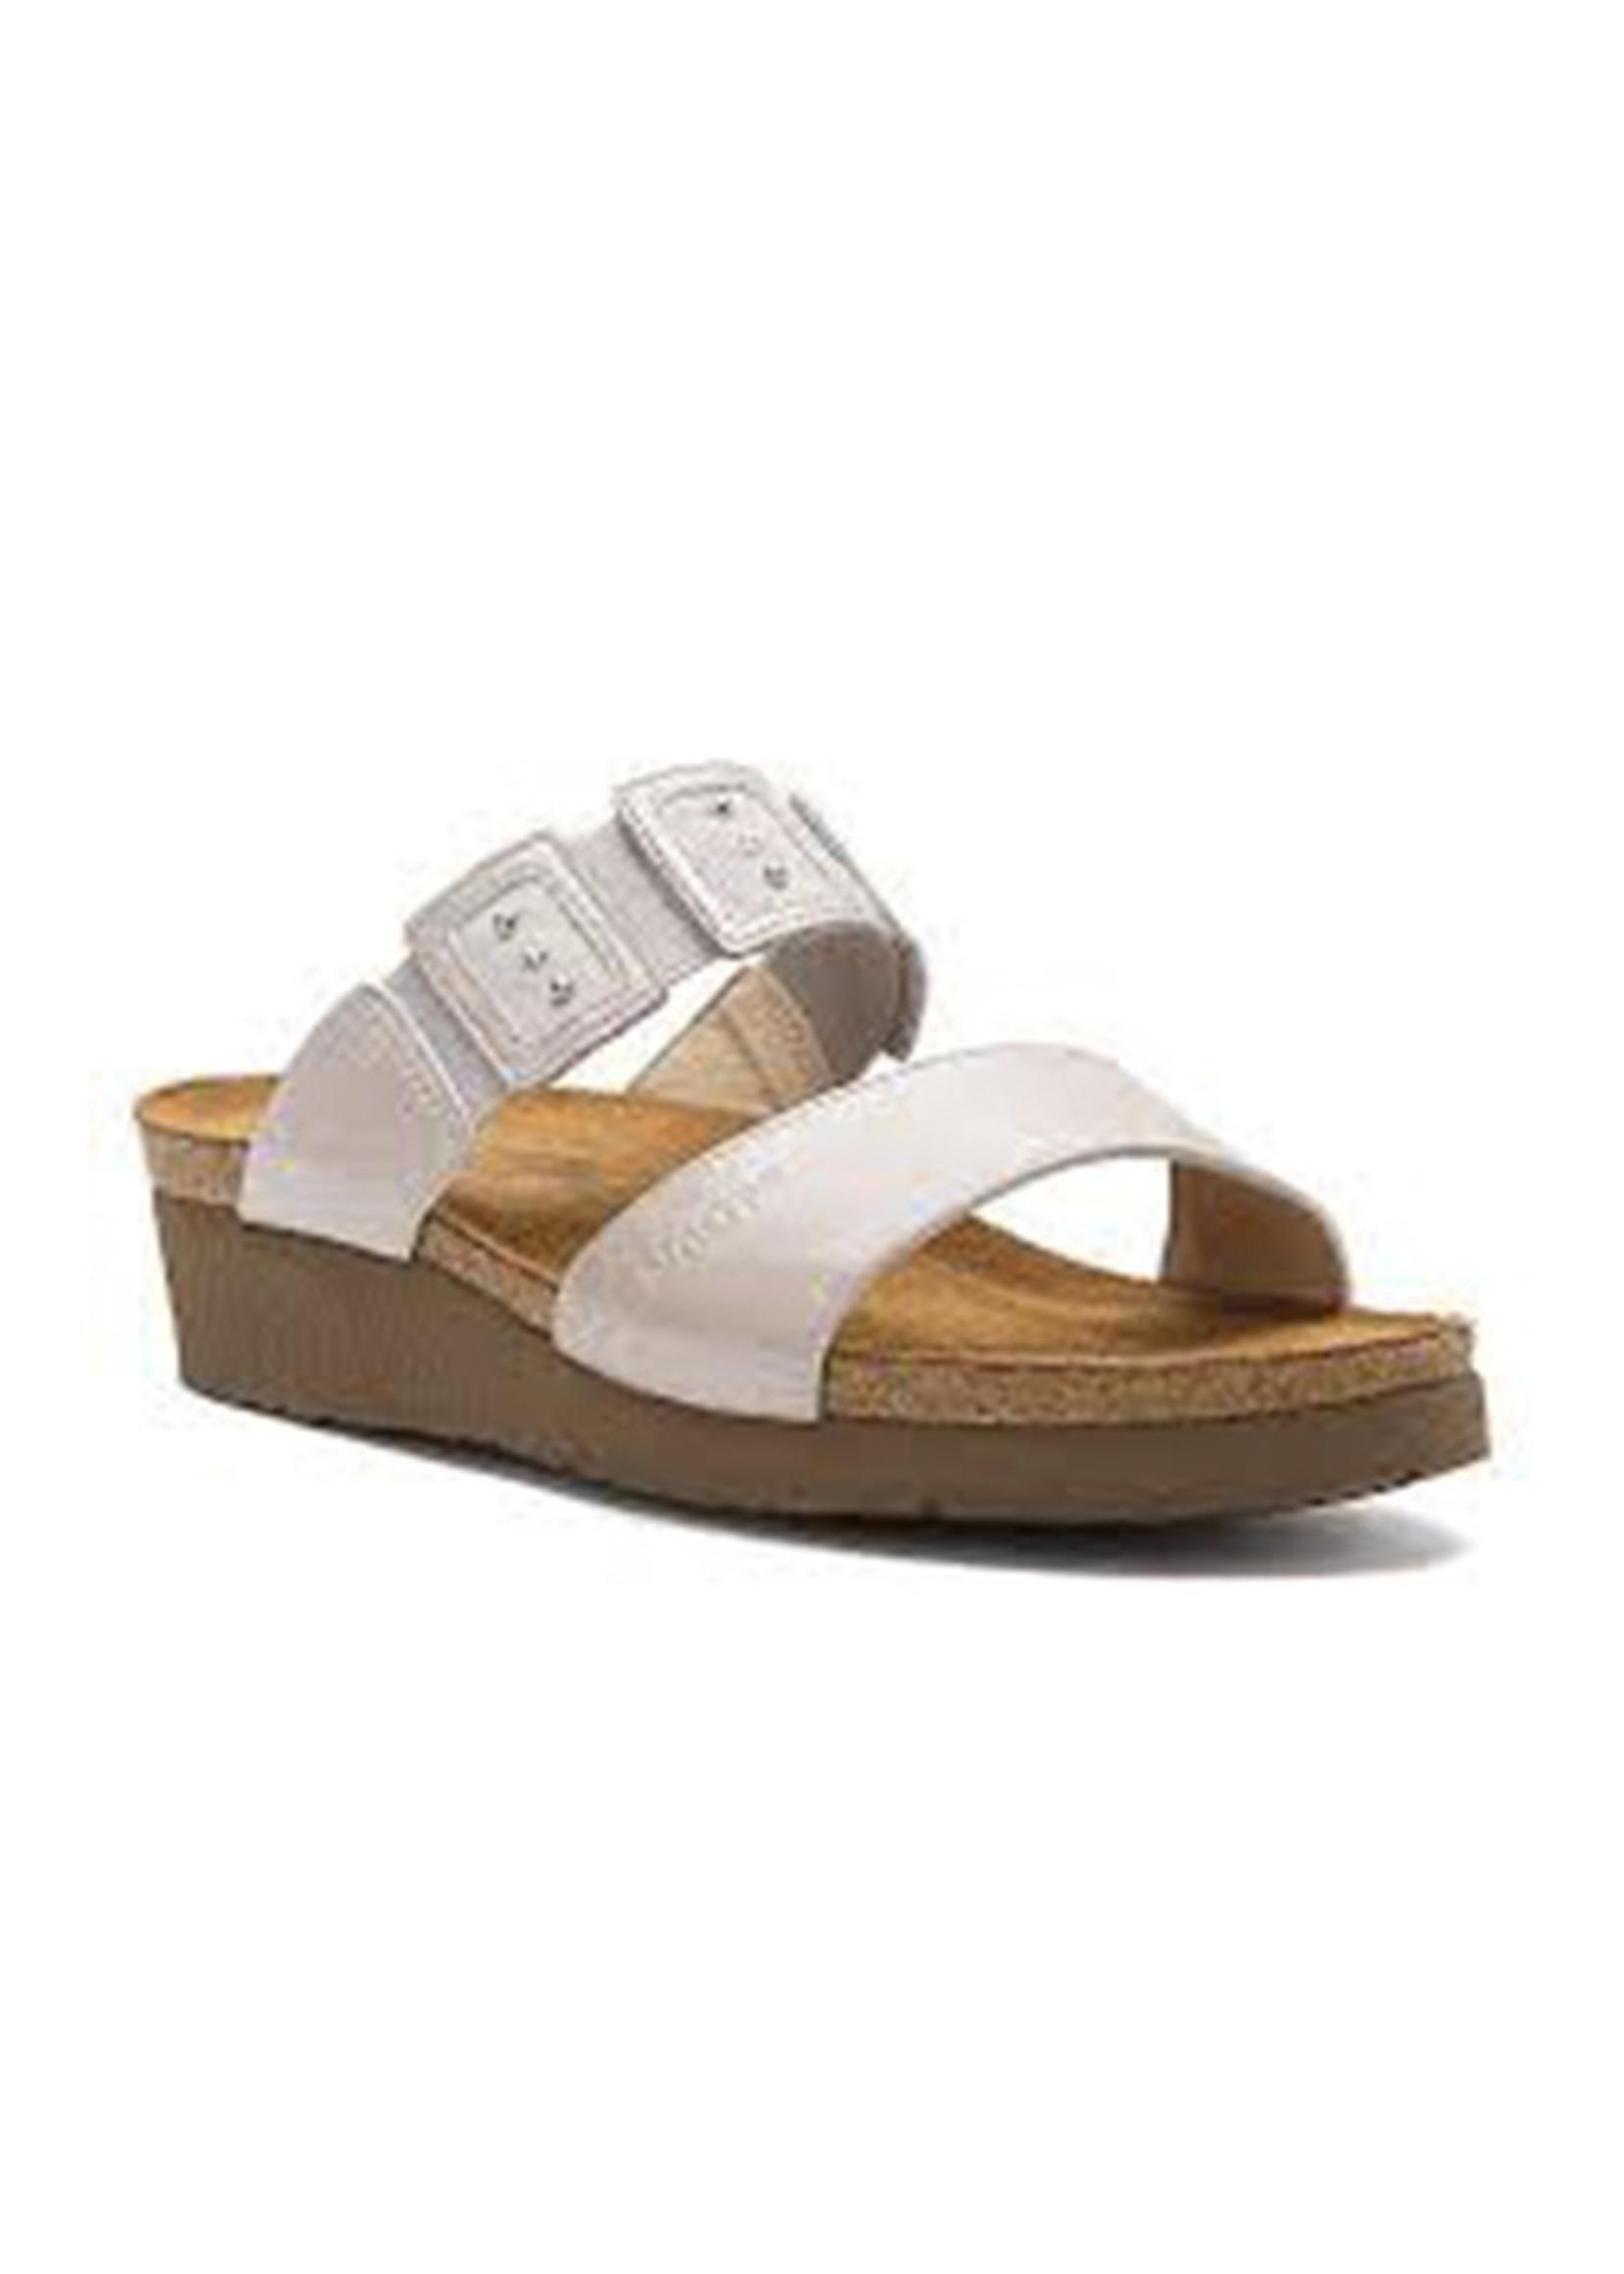 Naot Footwear Emma in Quartz Combo